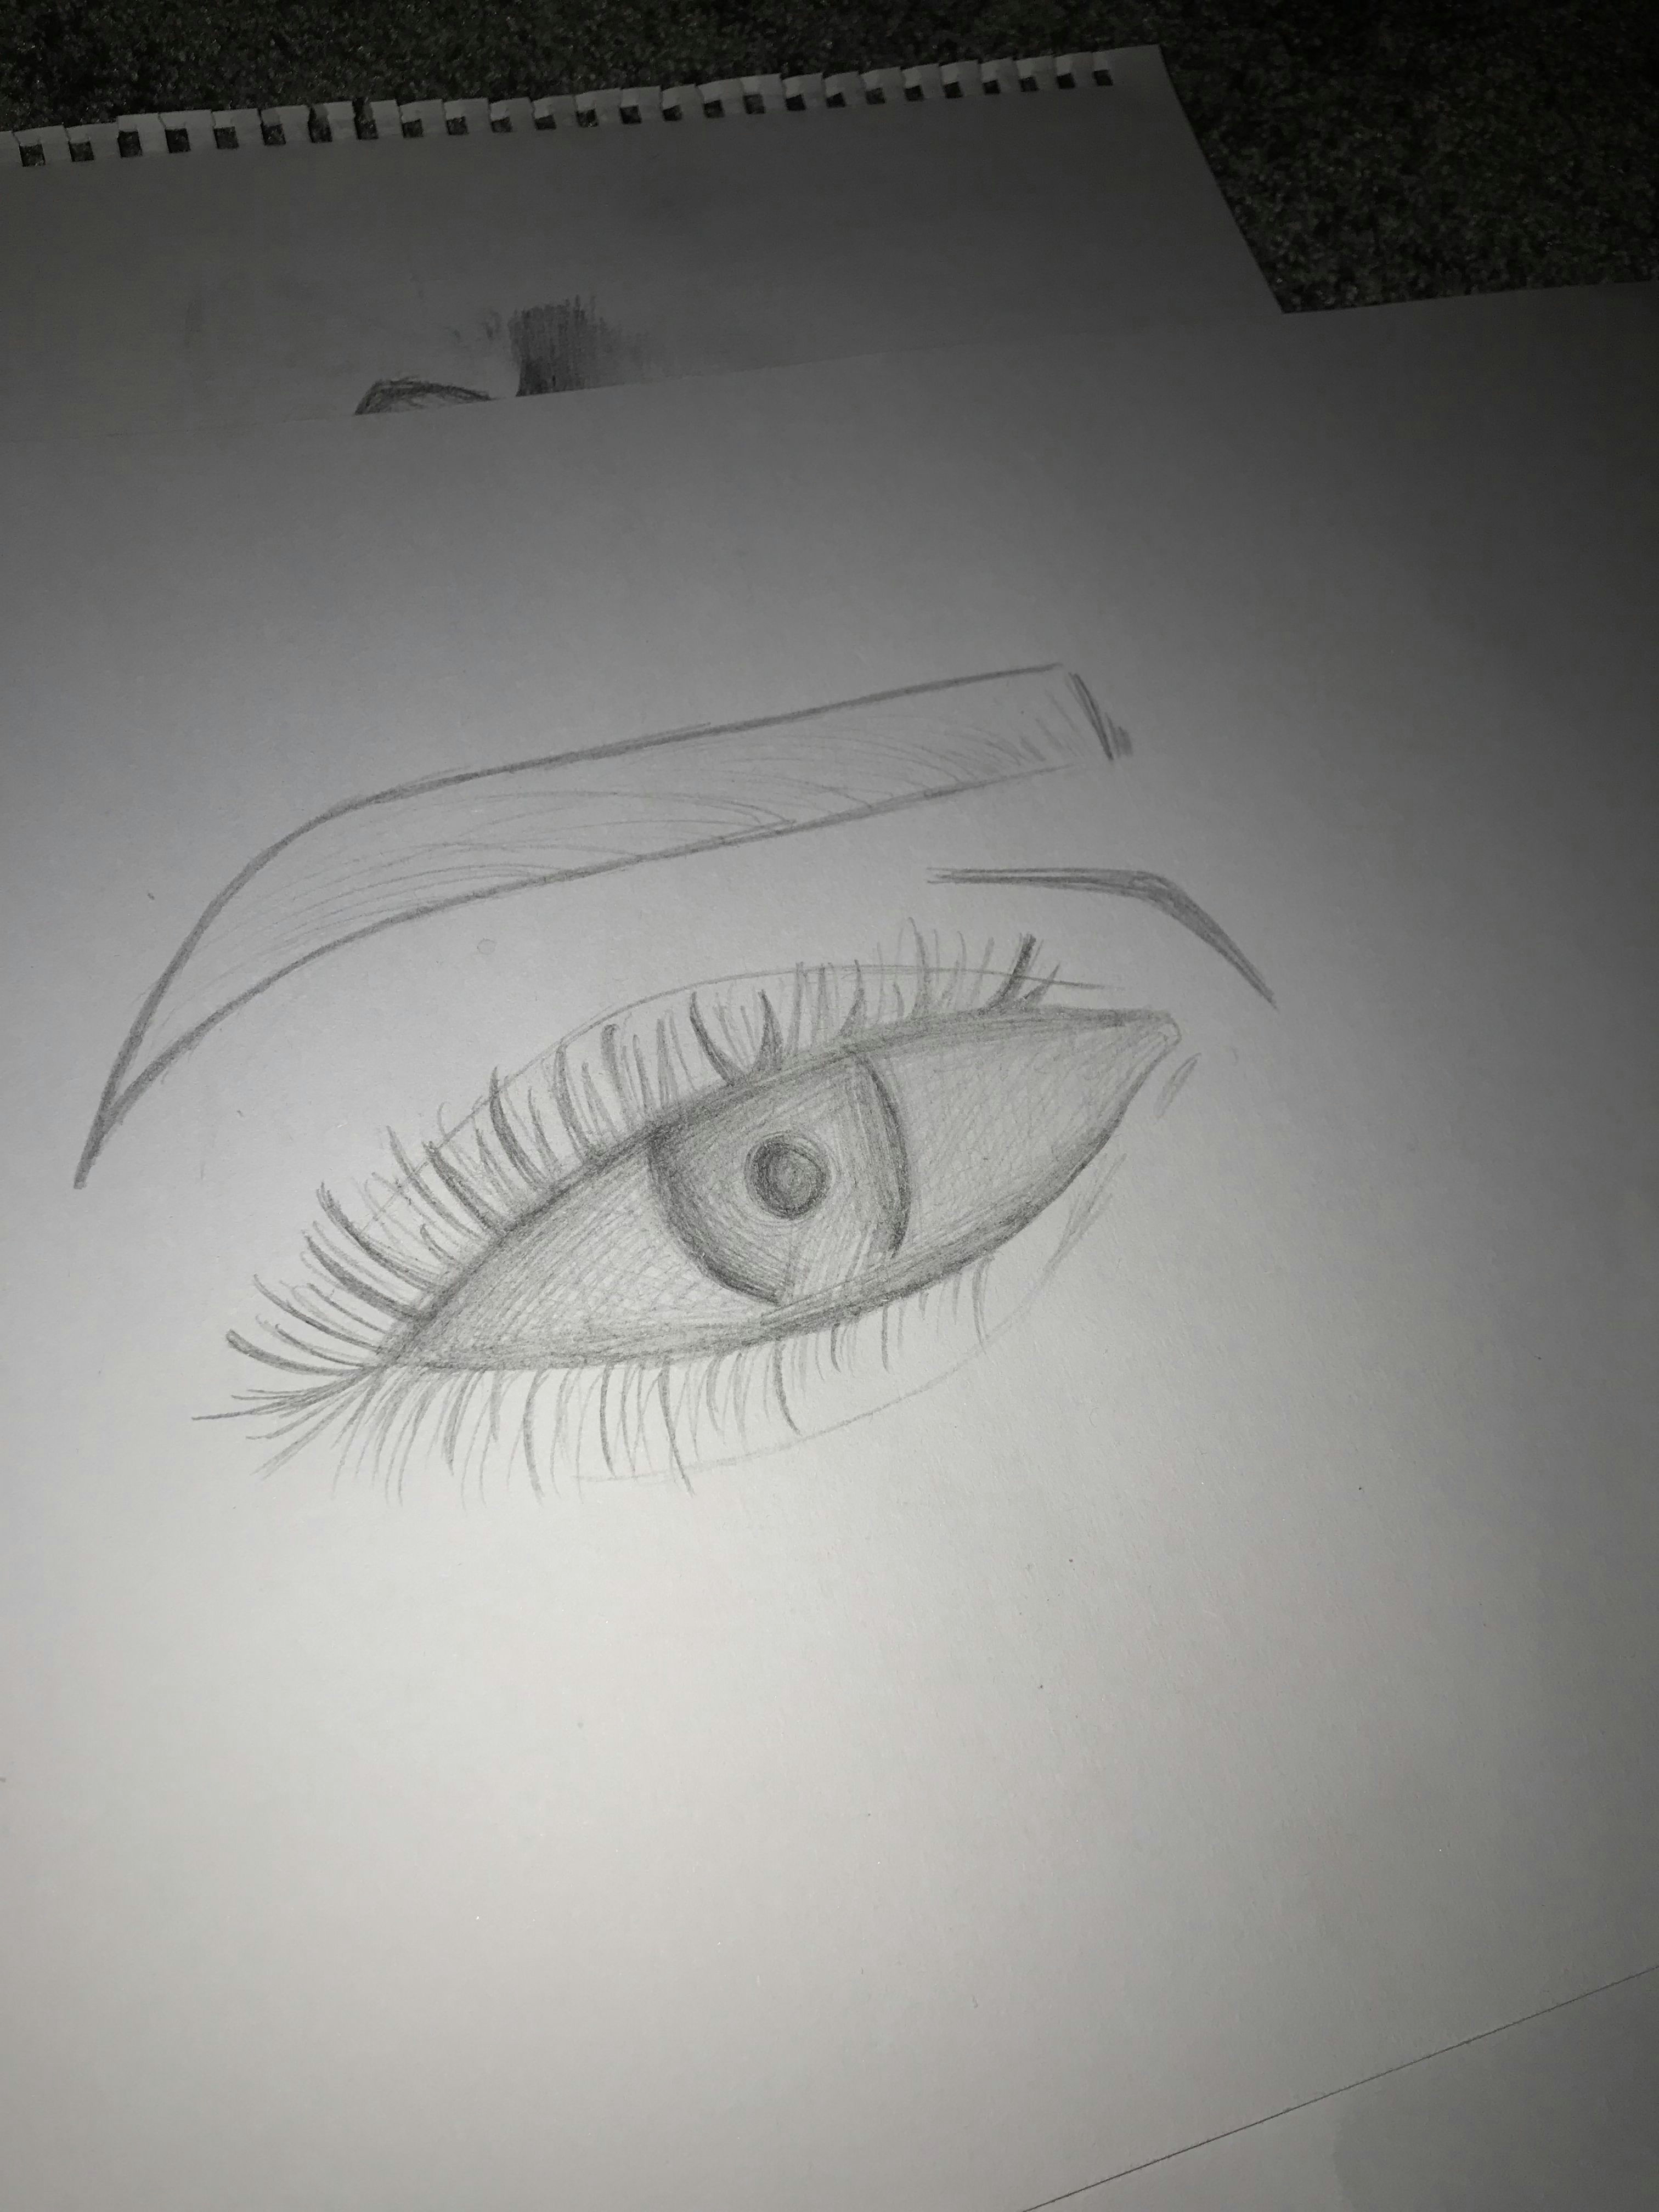 eye eyebrow sketch by 14 yr old snr x